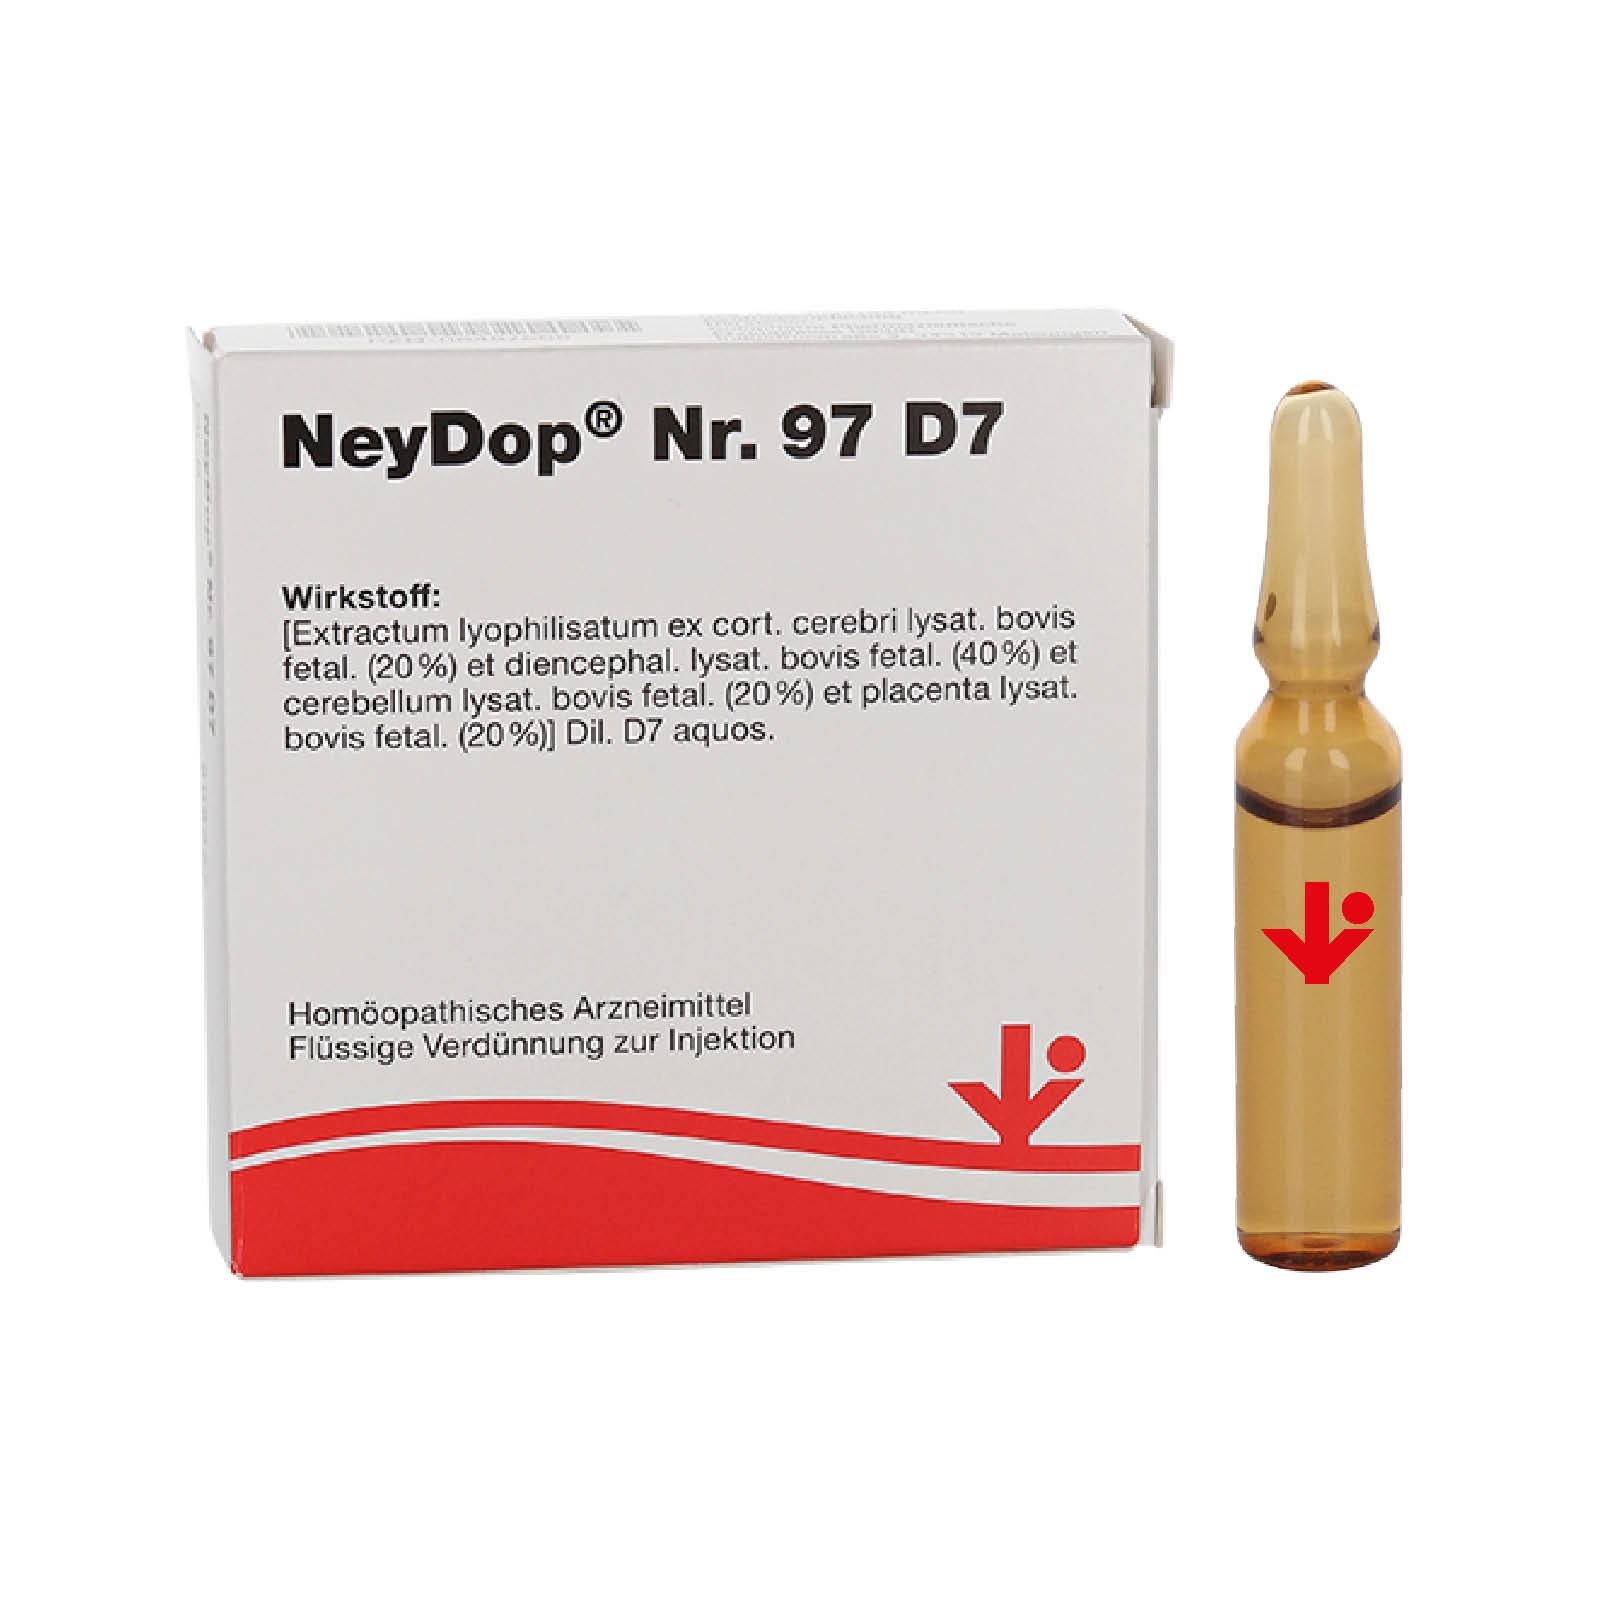 NeyDop® Nr. 97 D7